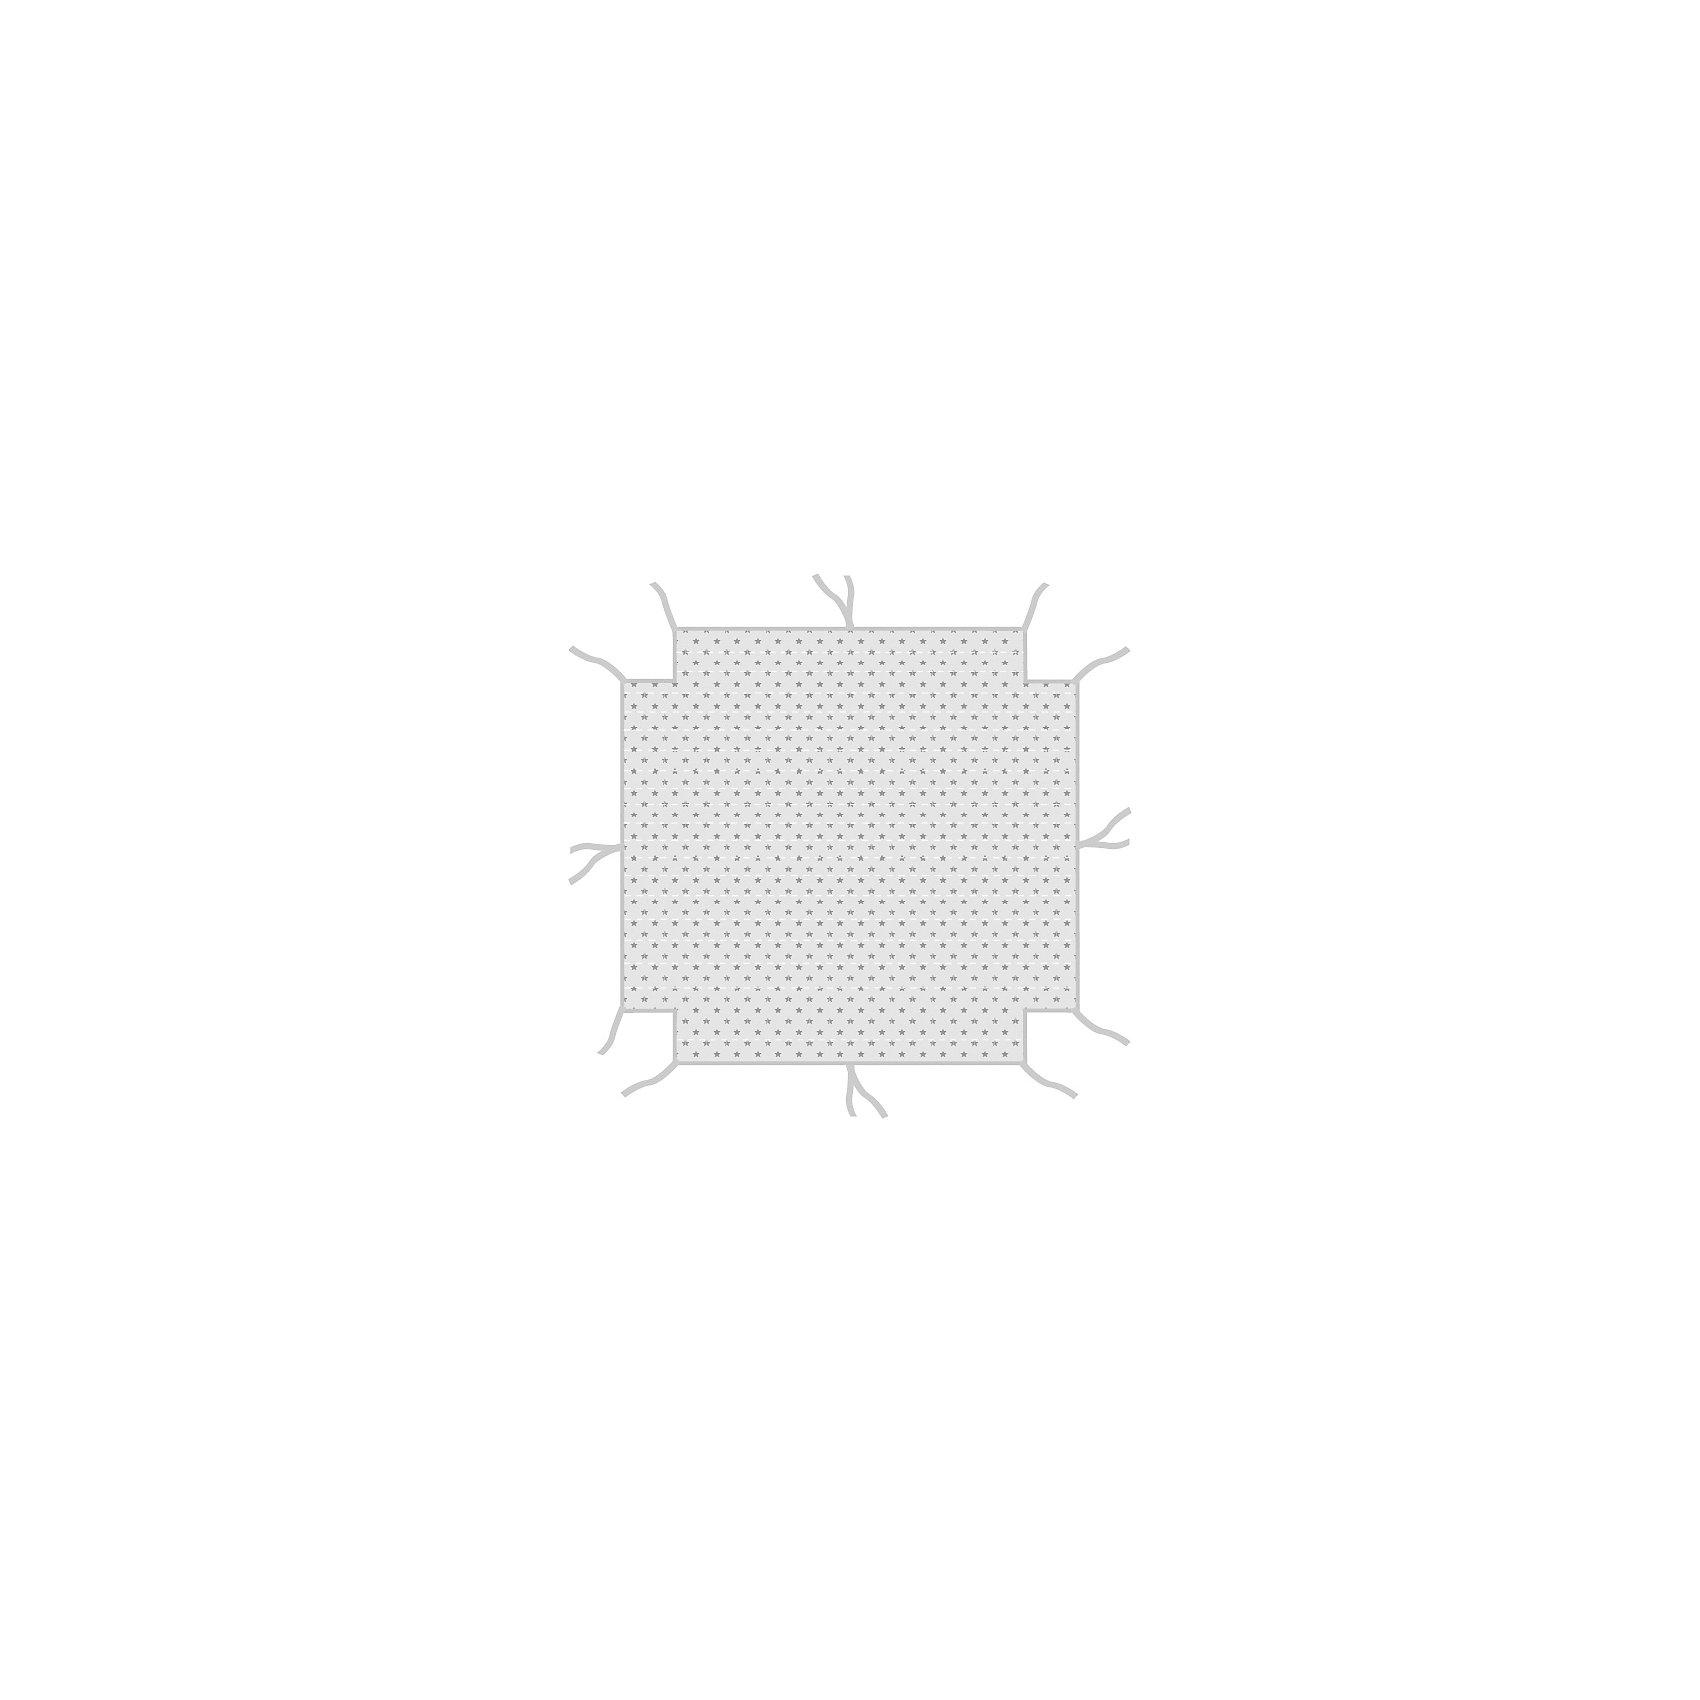 Матрас Комфорт для манежа Gaby, Combelle, серыйМатрасы<br>COMBELLE Матрас Комфорт для манежа GABY квадратный, Серый<br><br>Ширина мм: 680<br>Глубина мм: 480<br>Высота мм: 180<br>Вес г: 12000<br>Возраст от месяцев: 0<br>Возраст до месяцев: 24<br>Пол: Унисекс<br>Возраст: Детский<br>SKU: 5582099